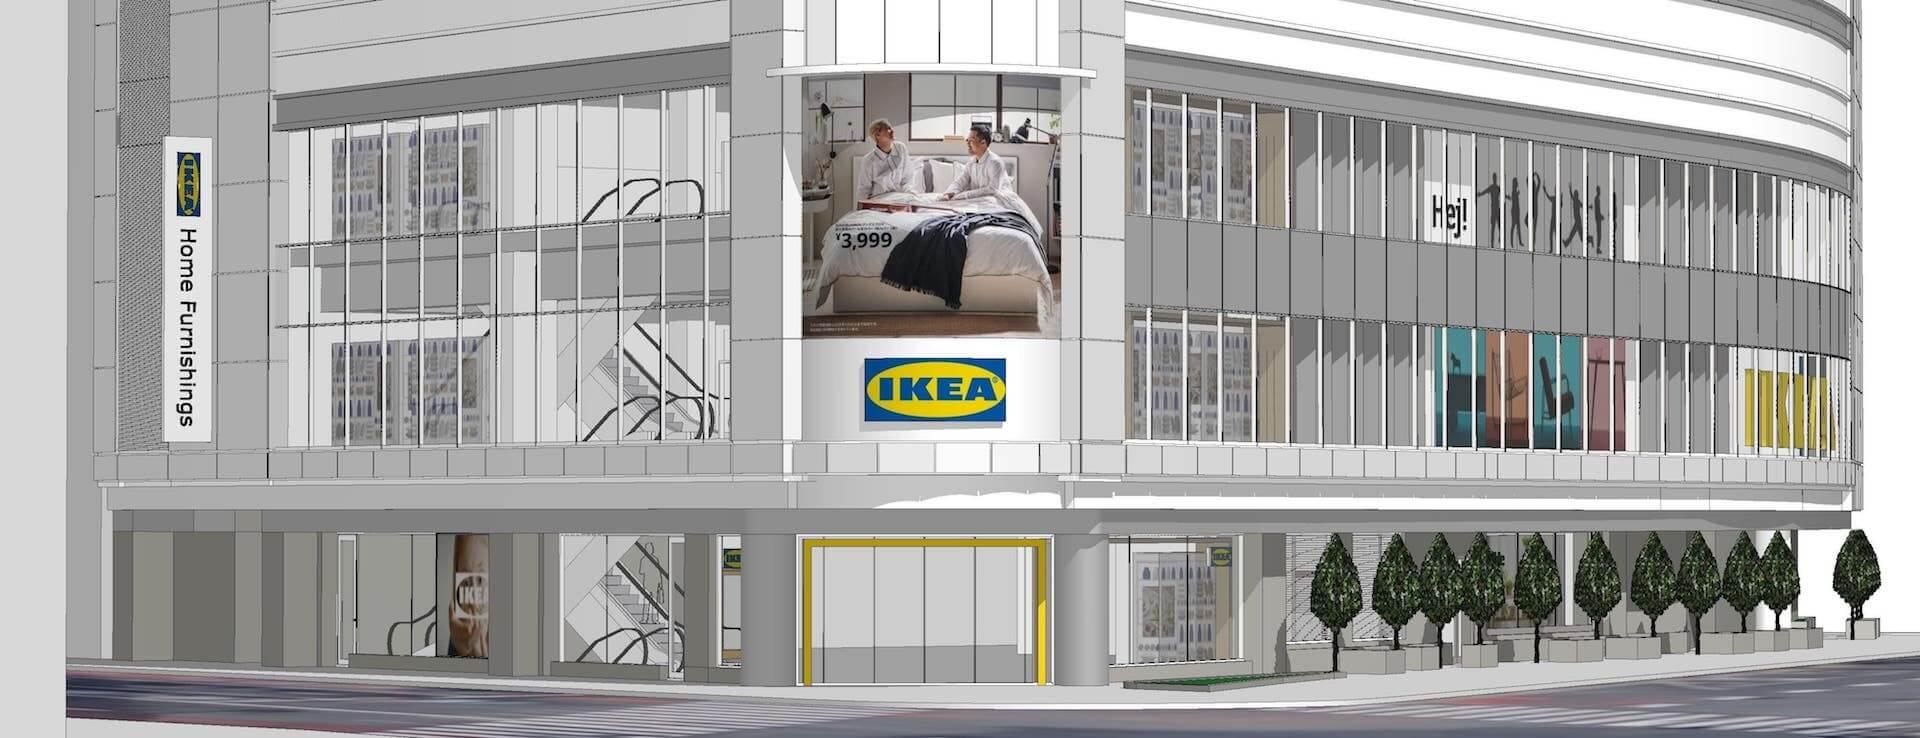 2021年春、今度は新宿にIKEAが誕生!スウェーデンの味覚を堪能できるフードも展開 life201126_ikea_1